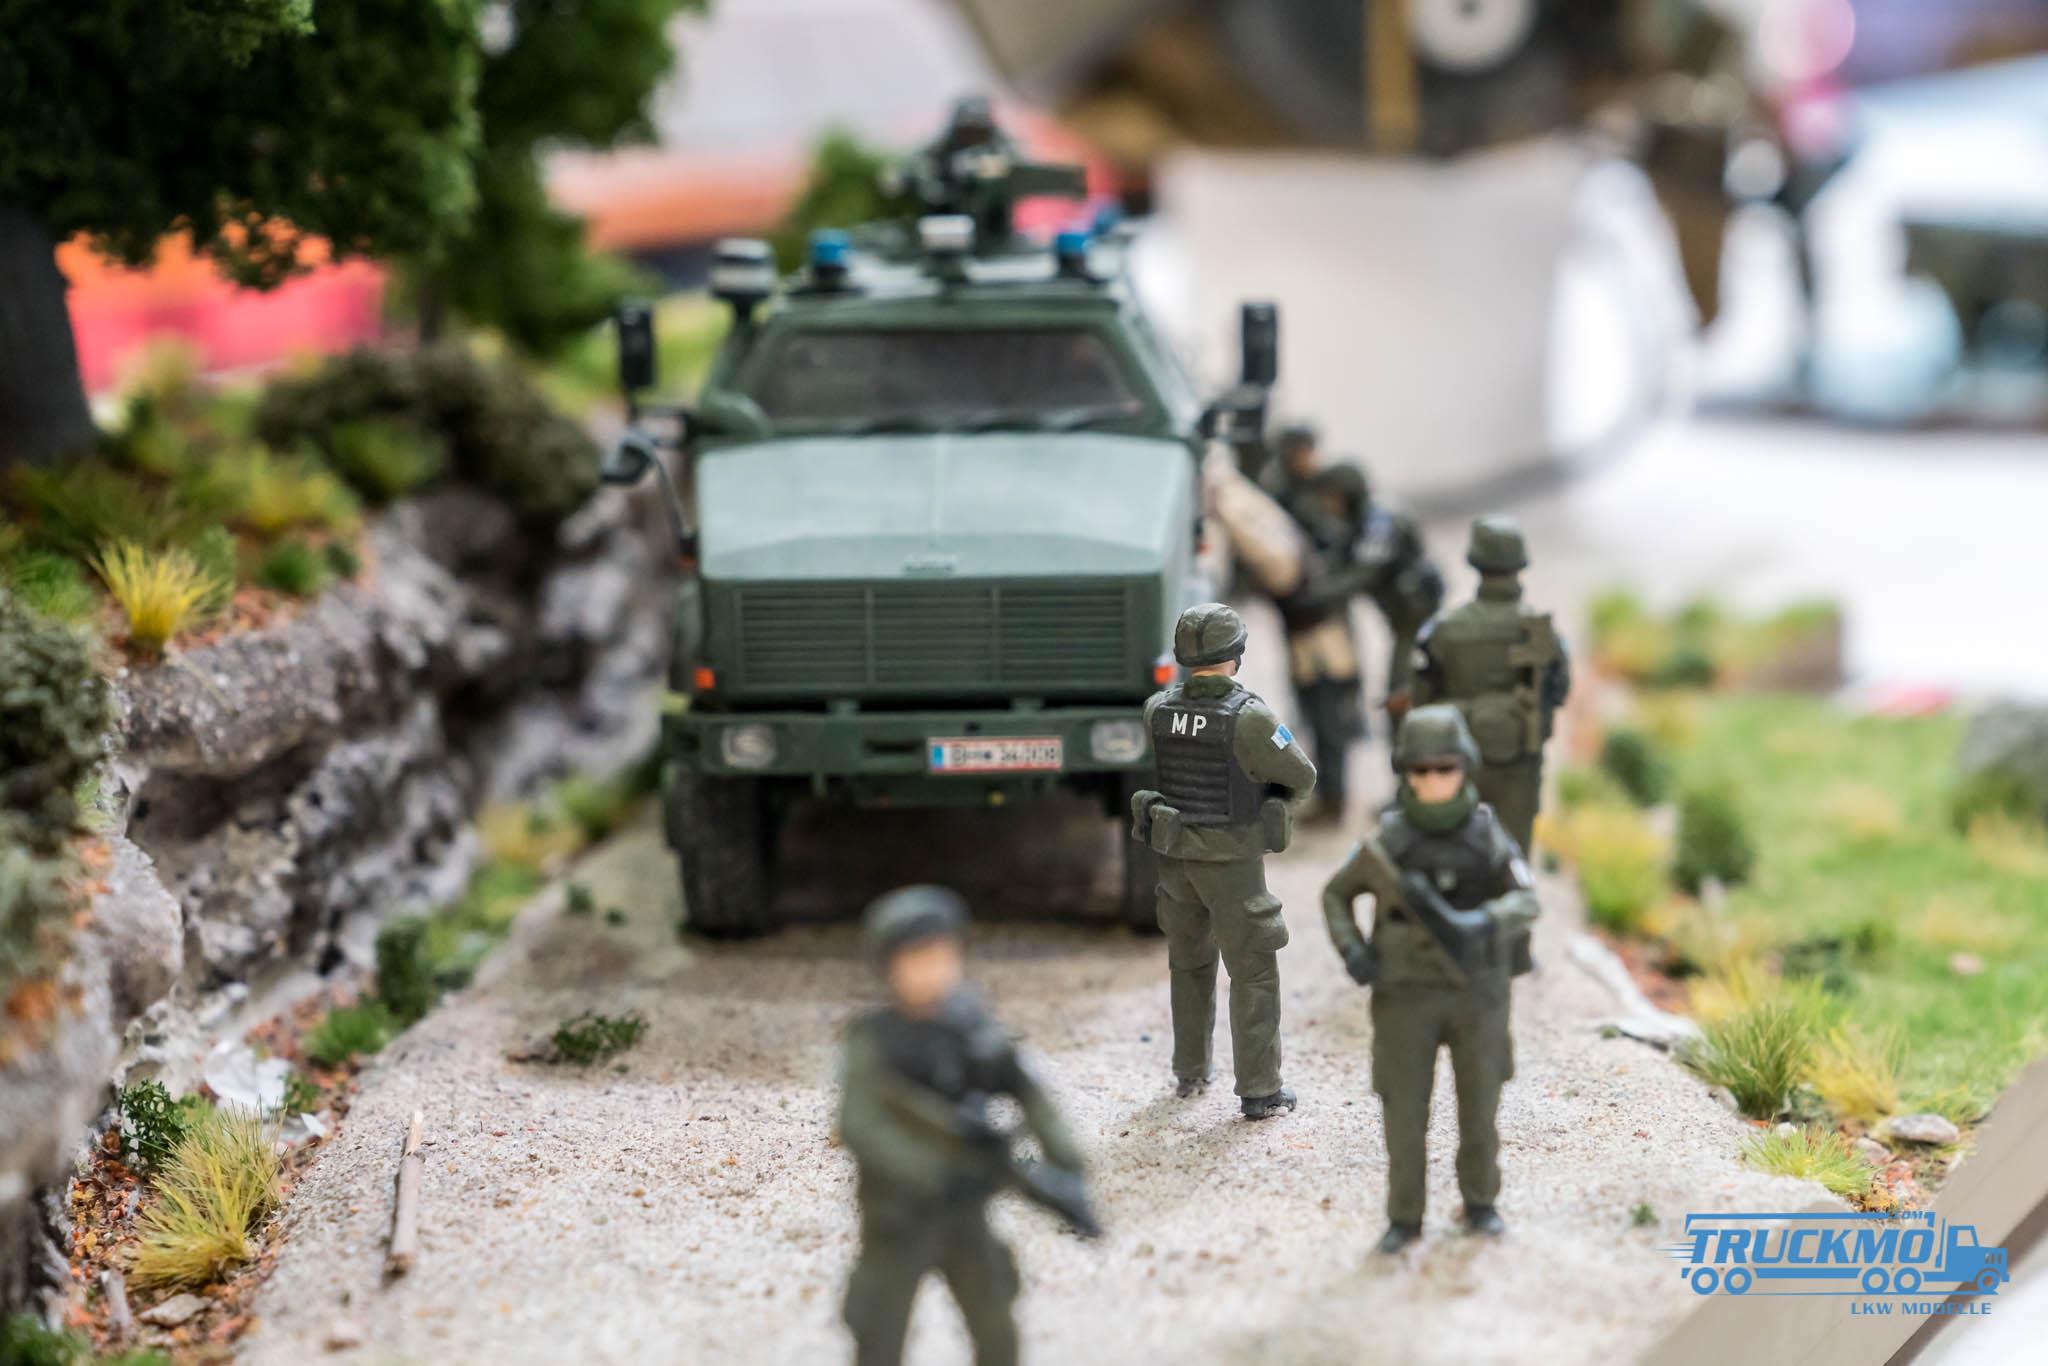 Truckmo_Modellbau_Ried_2017_Herpa_Messe_Modellbauausstellung (469 von 1177)